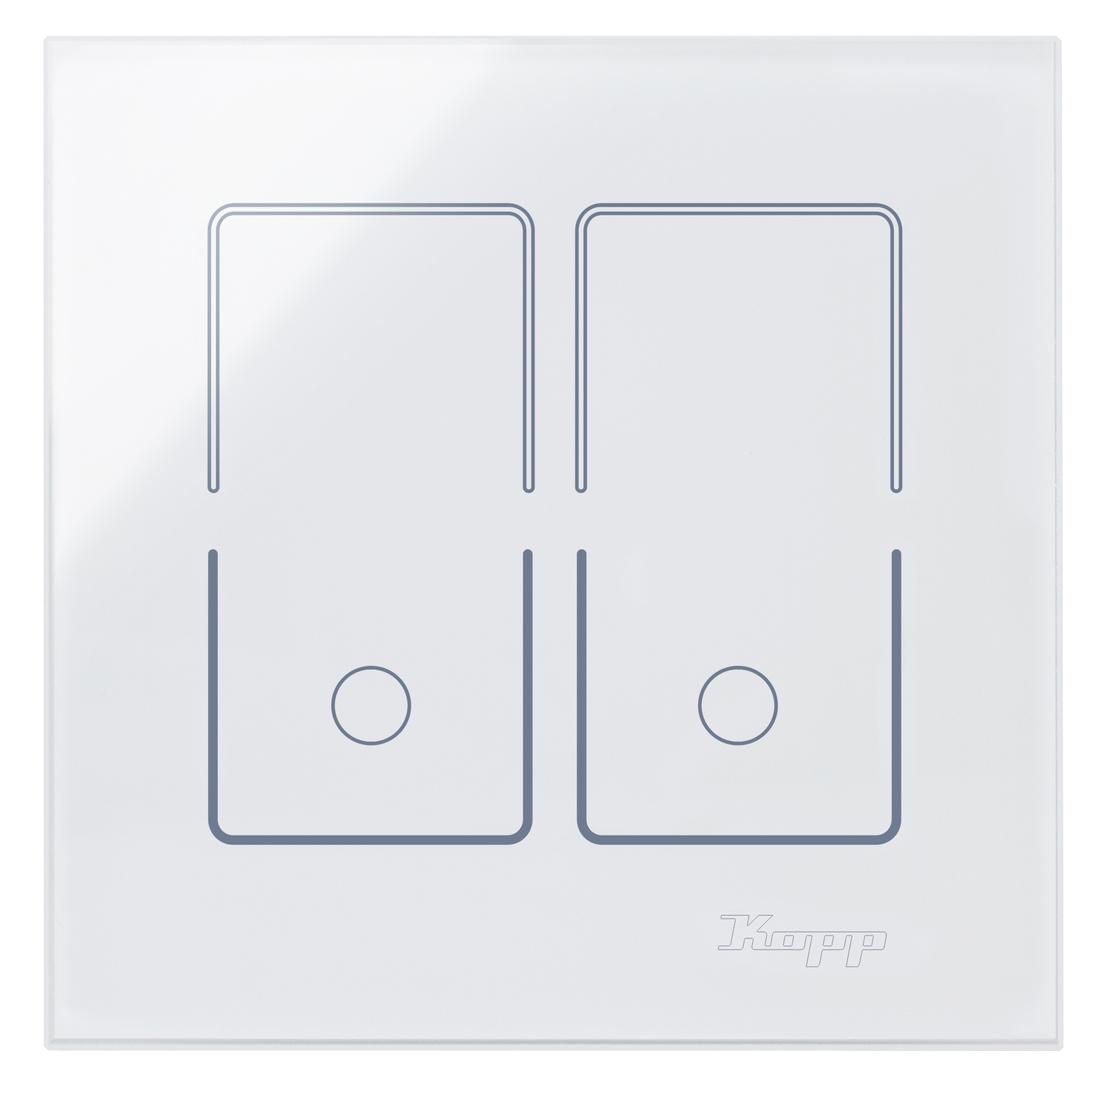 Kopp HKi8 glas sensor 1-voudig voor serieschakelaar wit